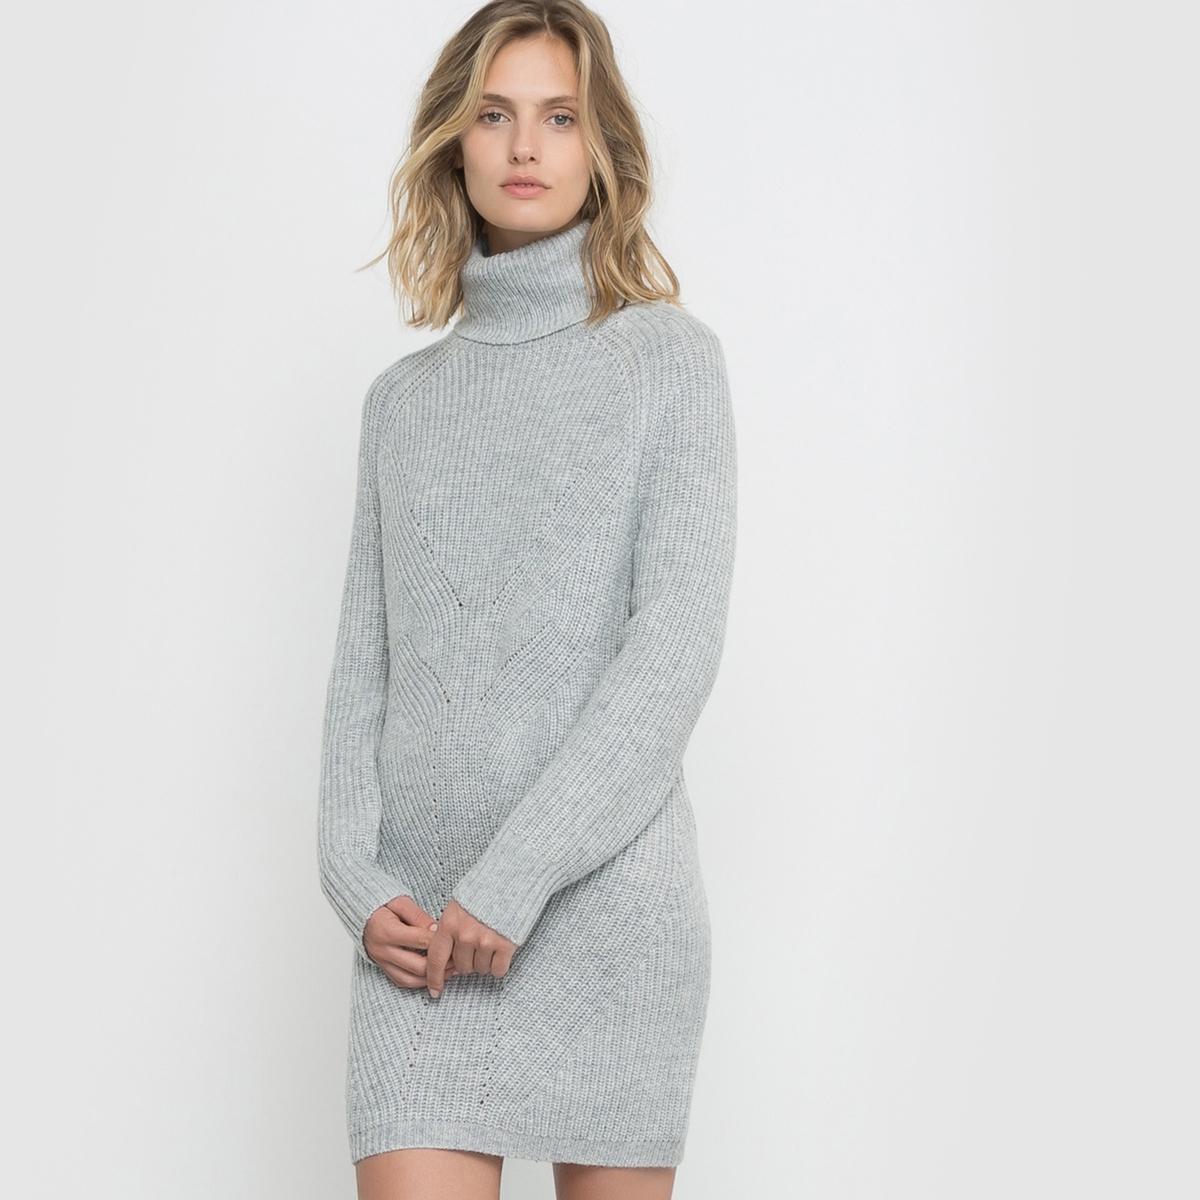 Платье-пуловерПлатье-пуловер. Оригинальный трикотаж. Высокий воротник. Длинные рукава.Состав и описание : Материал          трикотаж 40% полиамида, 33% акрила, 22% шерсти, 5% альпакиДлина       80 смМарка          R studioУход :Машинная стирка при 30 °CМашинная сушка в умеренном режиме<br><br>Цвет: серый меланж,черный<br>Размер: 46/48 (FR) - 52/54 (RUS).42/44 (FR) - 48/50 (RUS).42/44 (FR) - 48/50 (RUS)